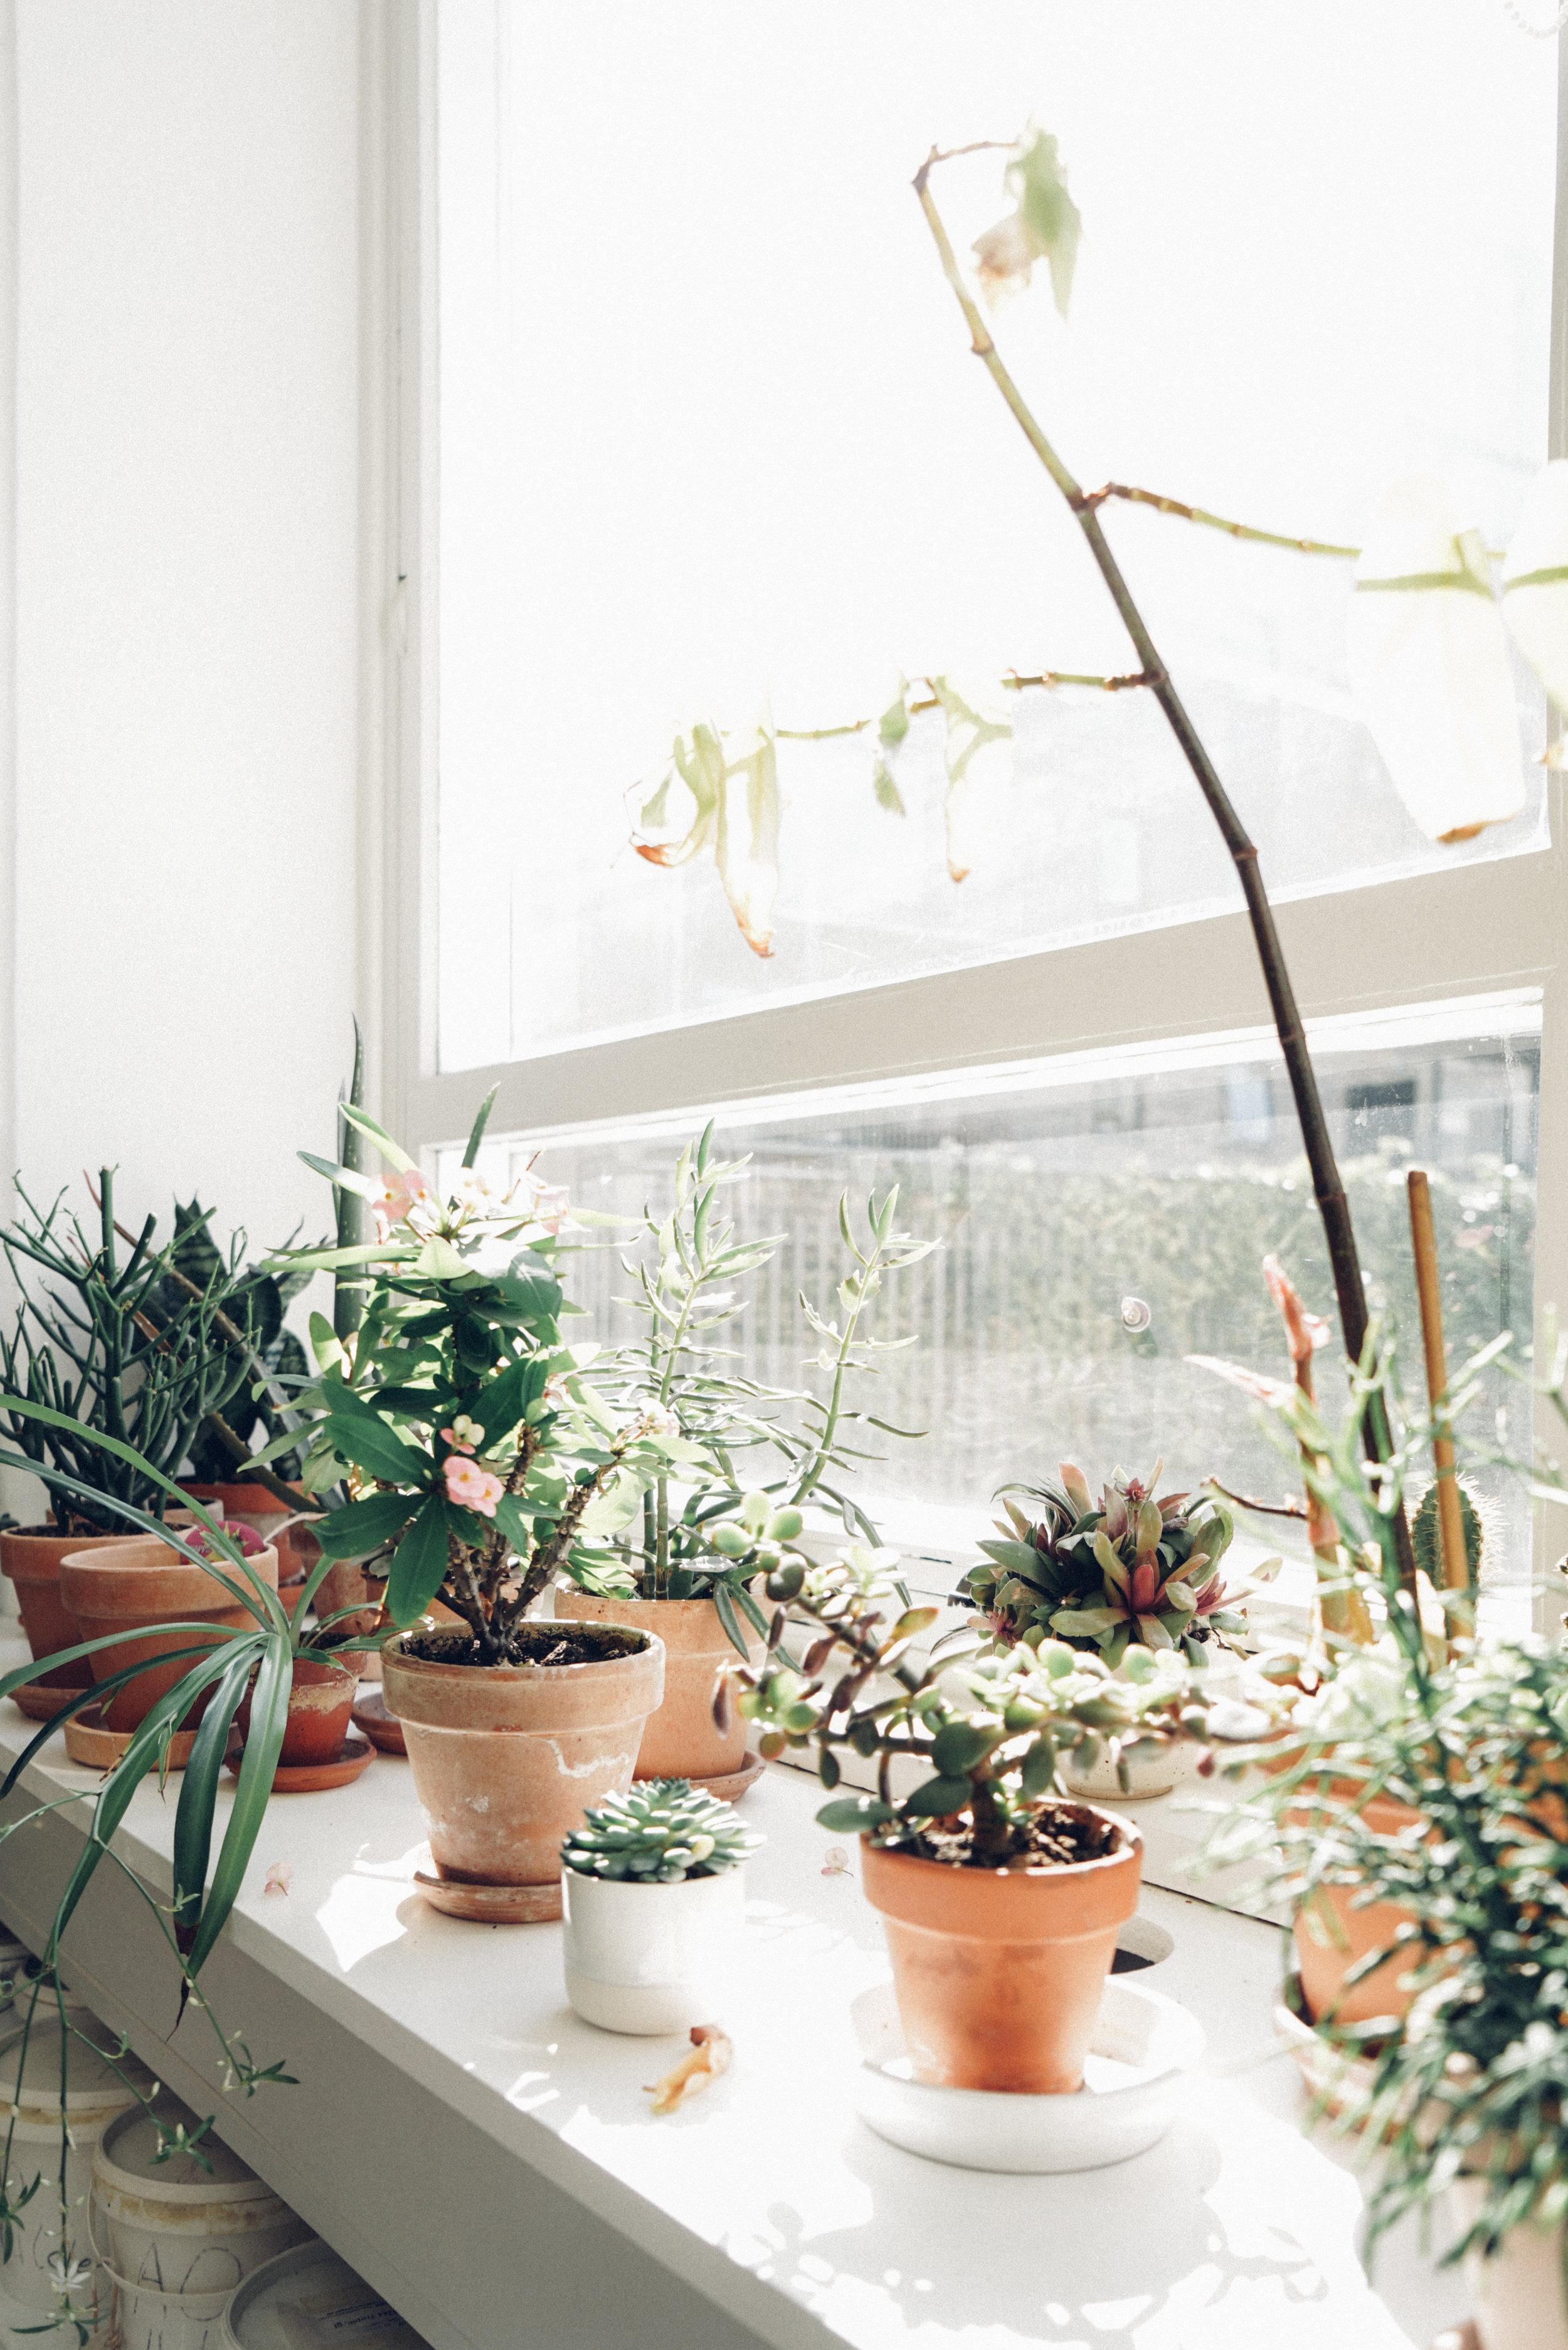 Studio Arhoj plants